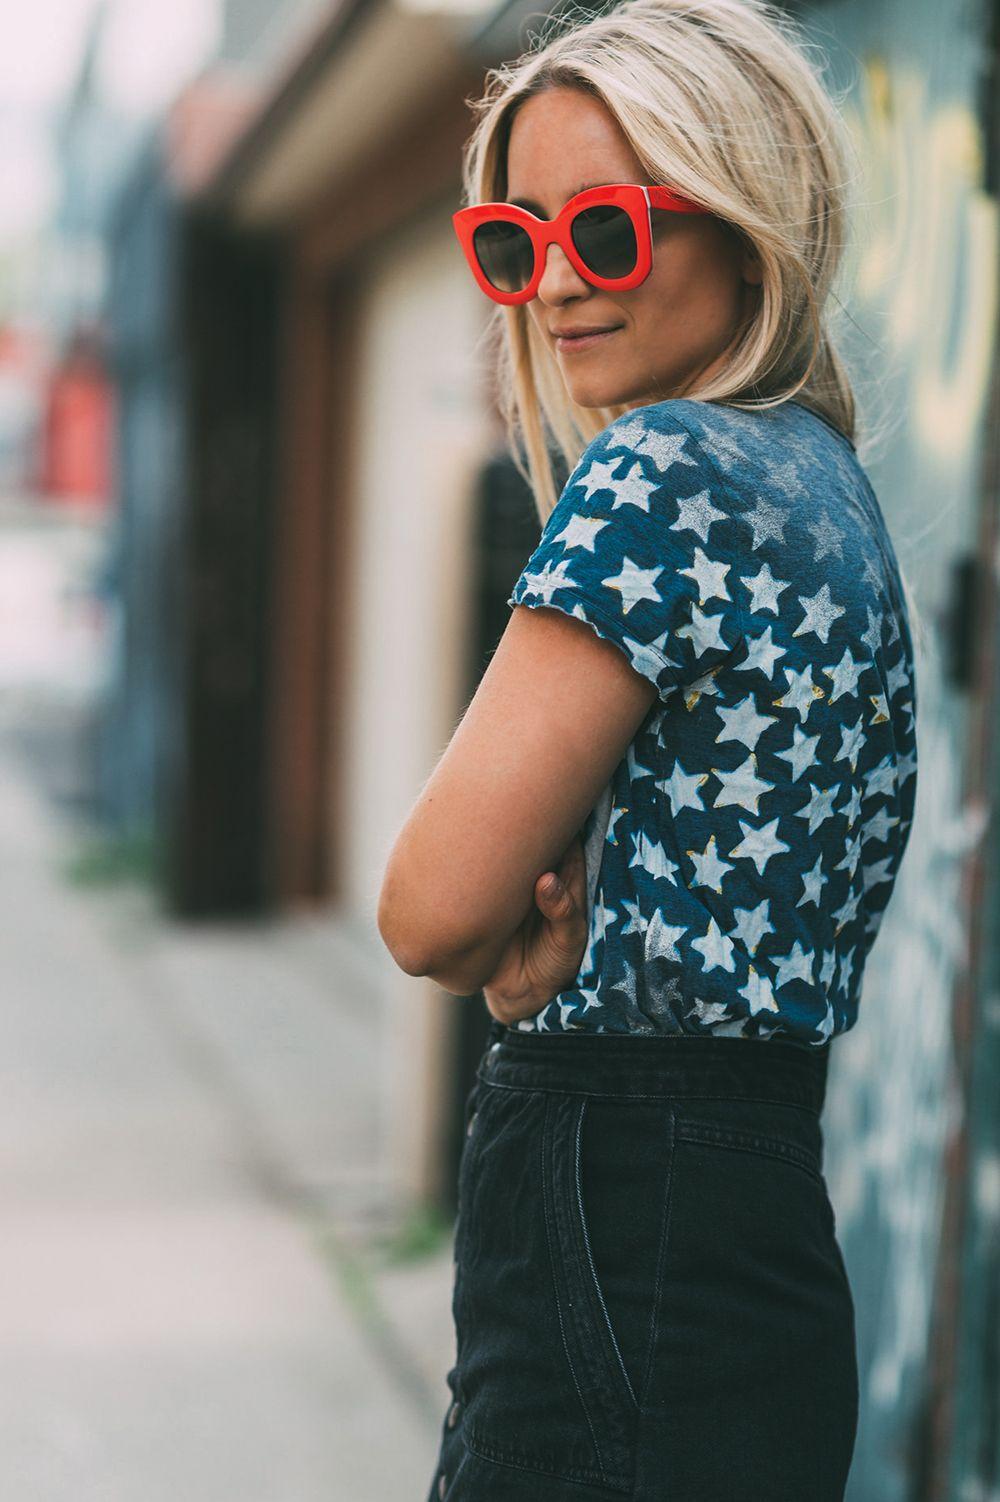 Celine eyewear | Fashion, Outfits, Style